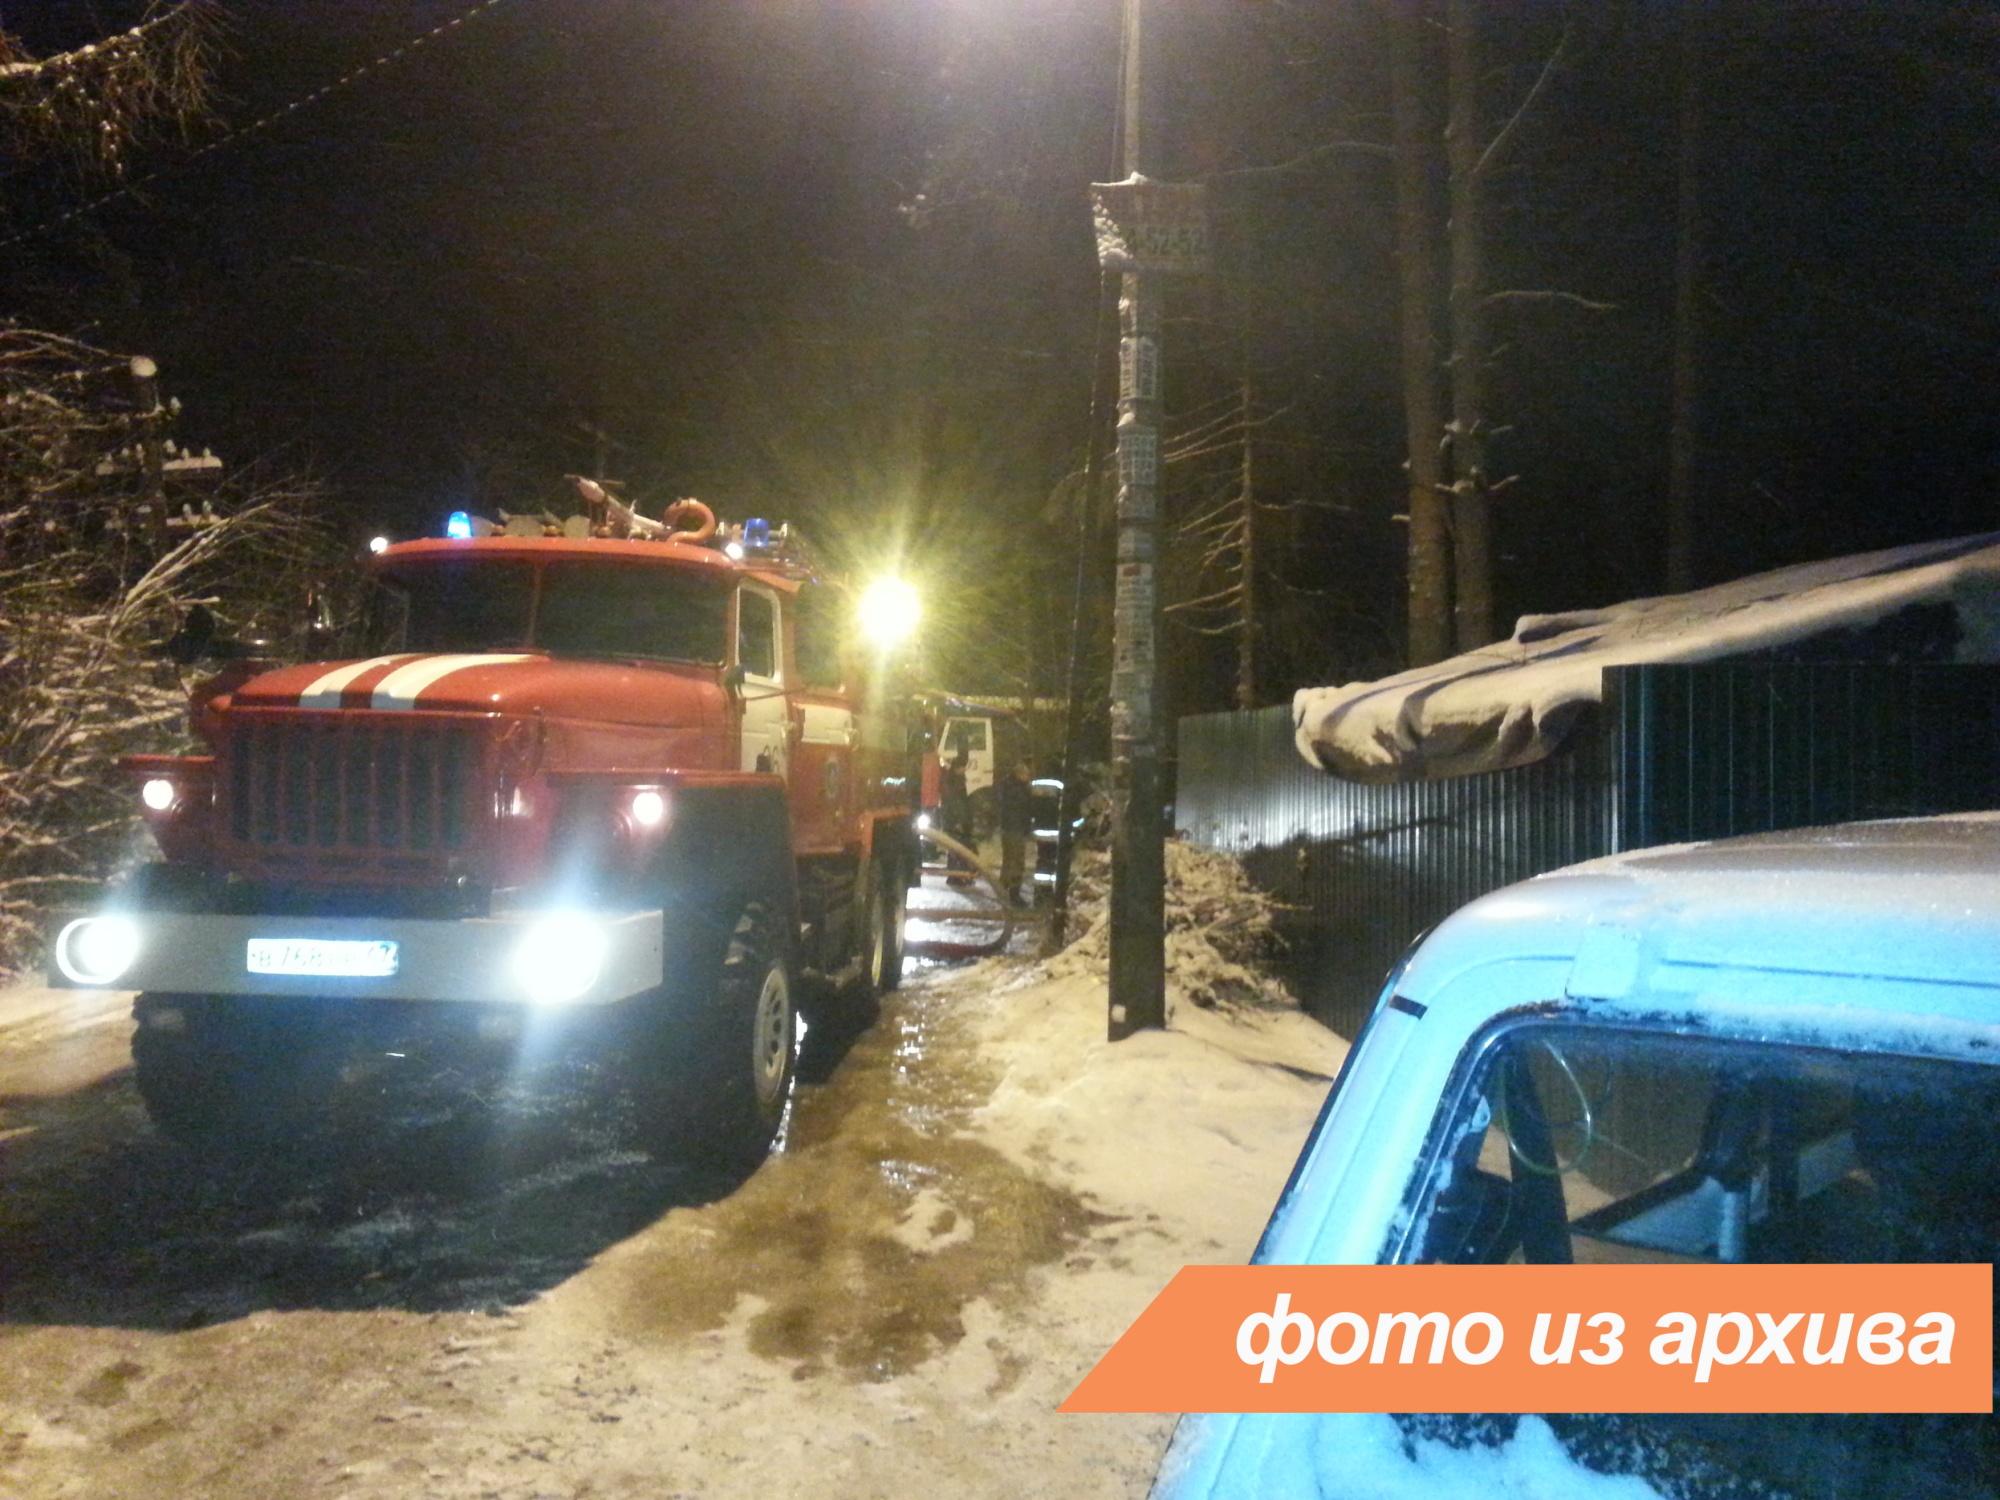 Пожарно-спасательное подразделение ликвидировало пожар в городе Сланцы